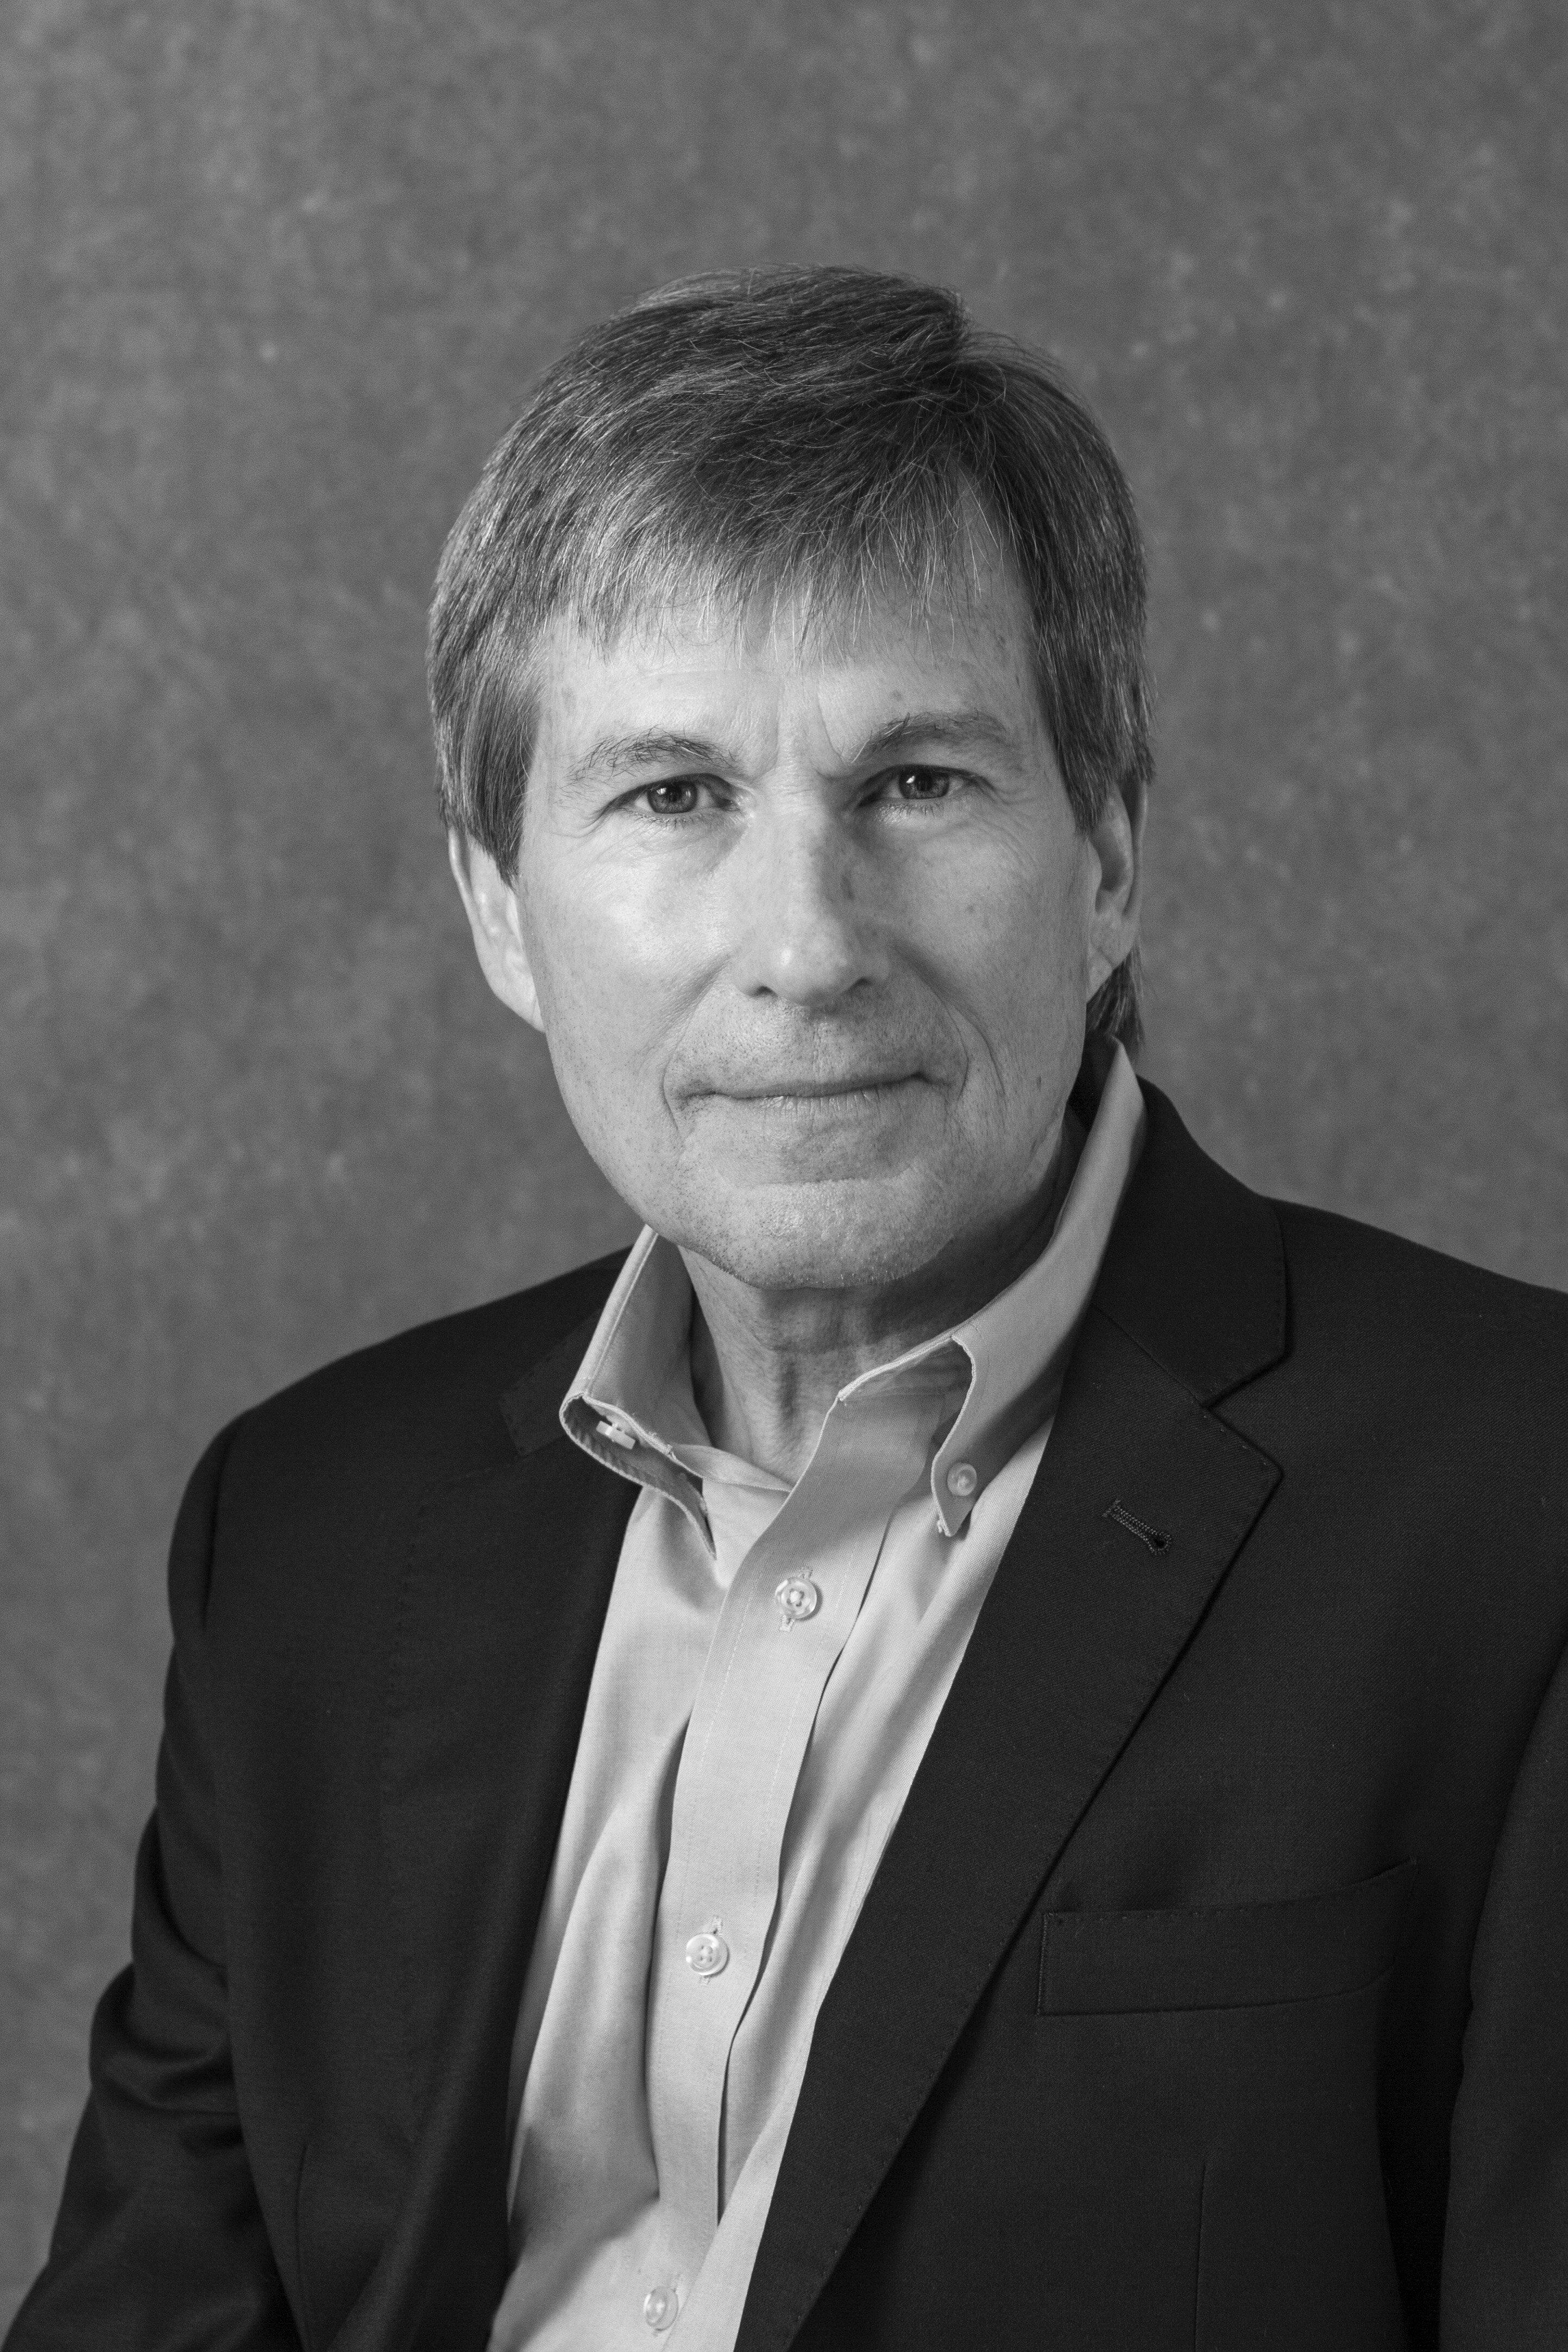 David Mays, M.D., Ph.D.